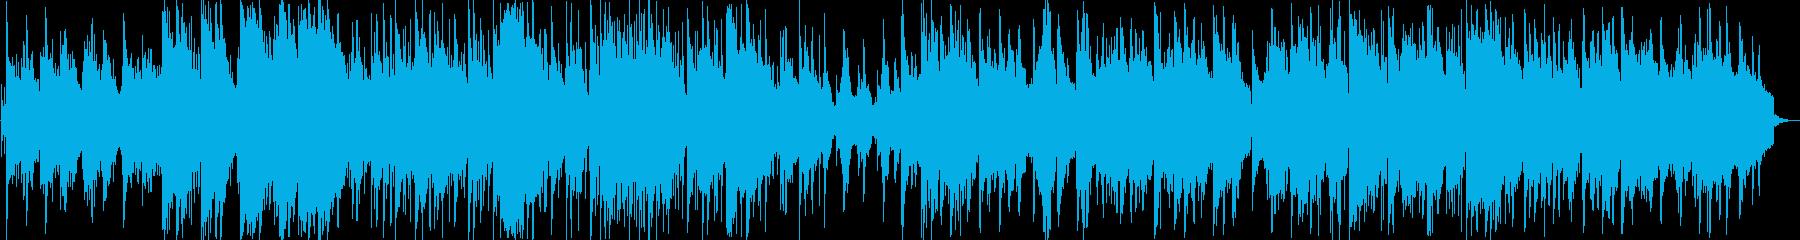 哀愁系和風BGMの再生済みの波形